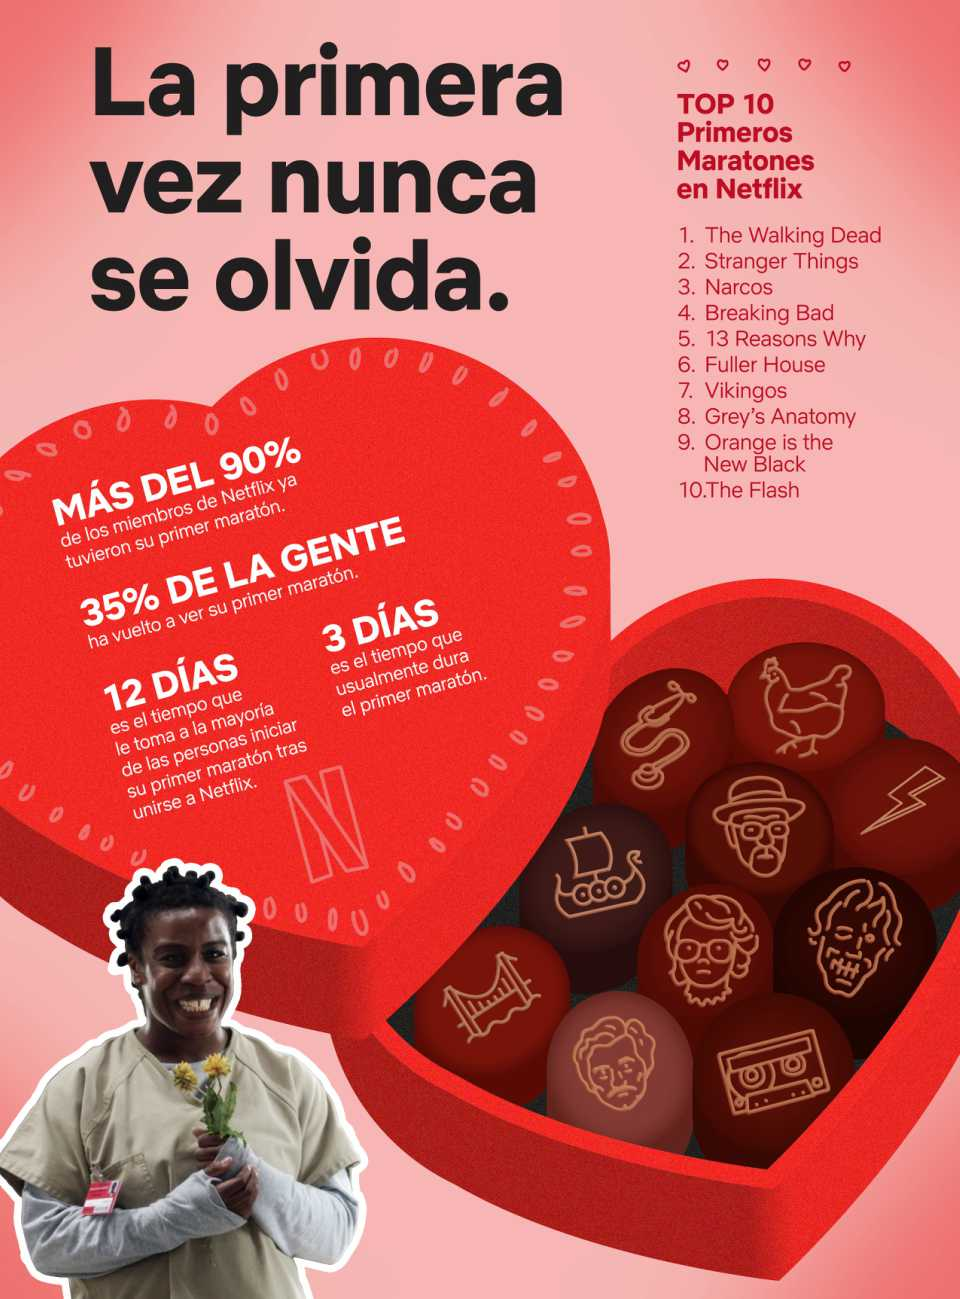 ¿Sabes con qué series maratonearon los peruanos por primera vez? Netflix tiene la respuesta